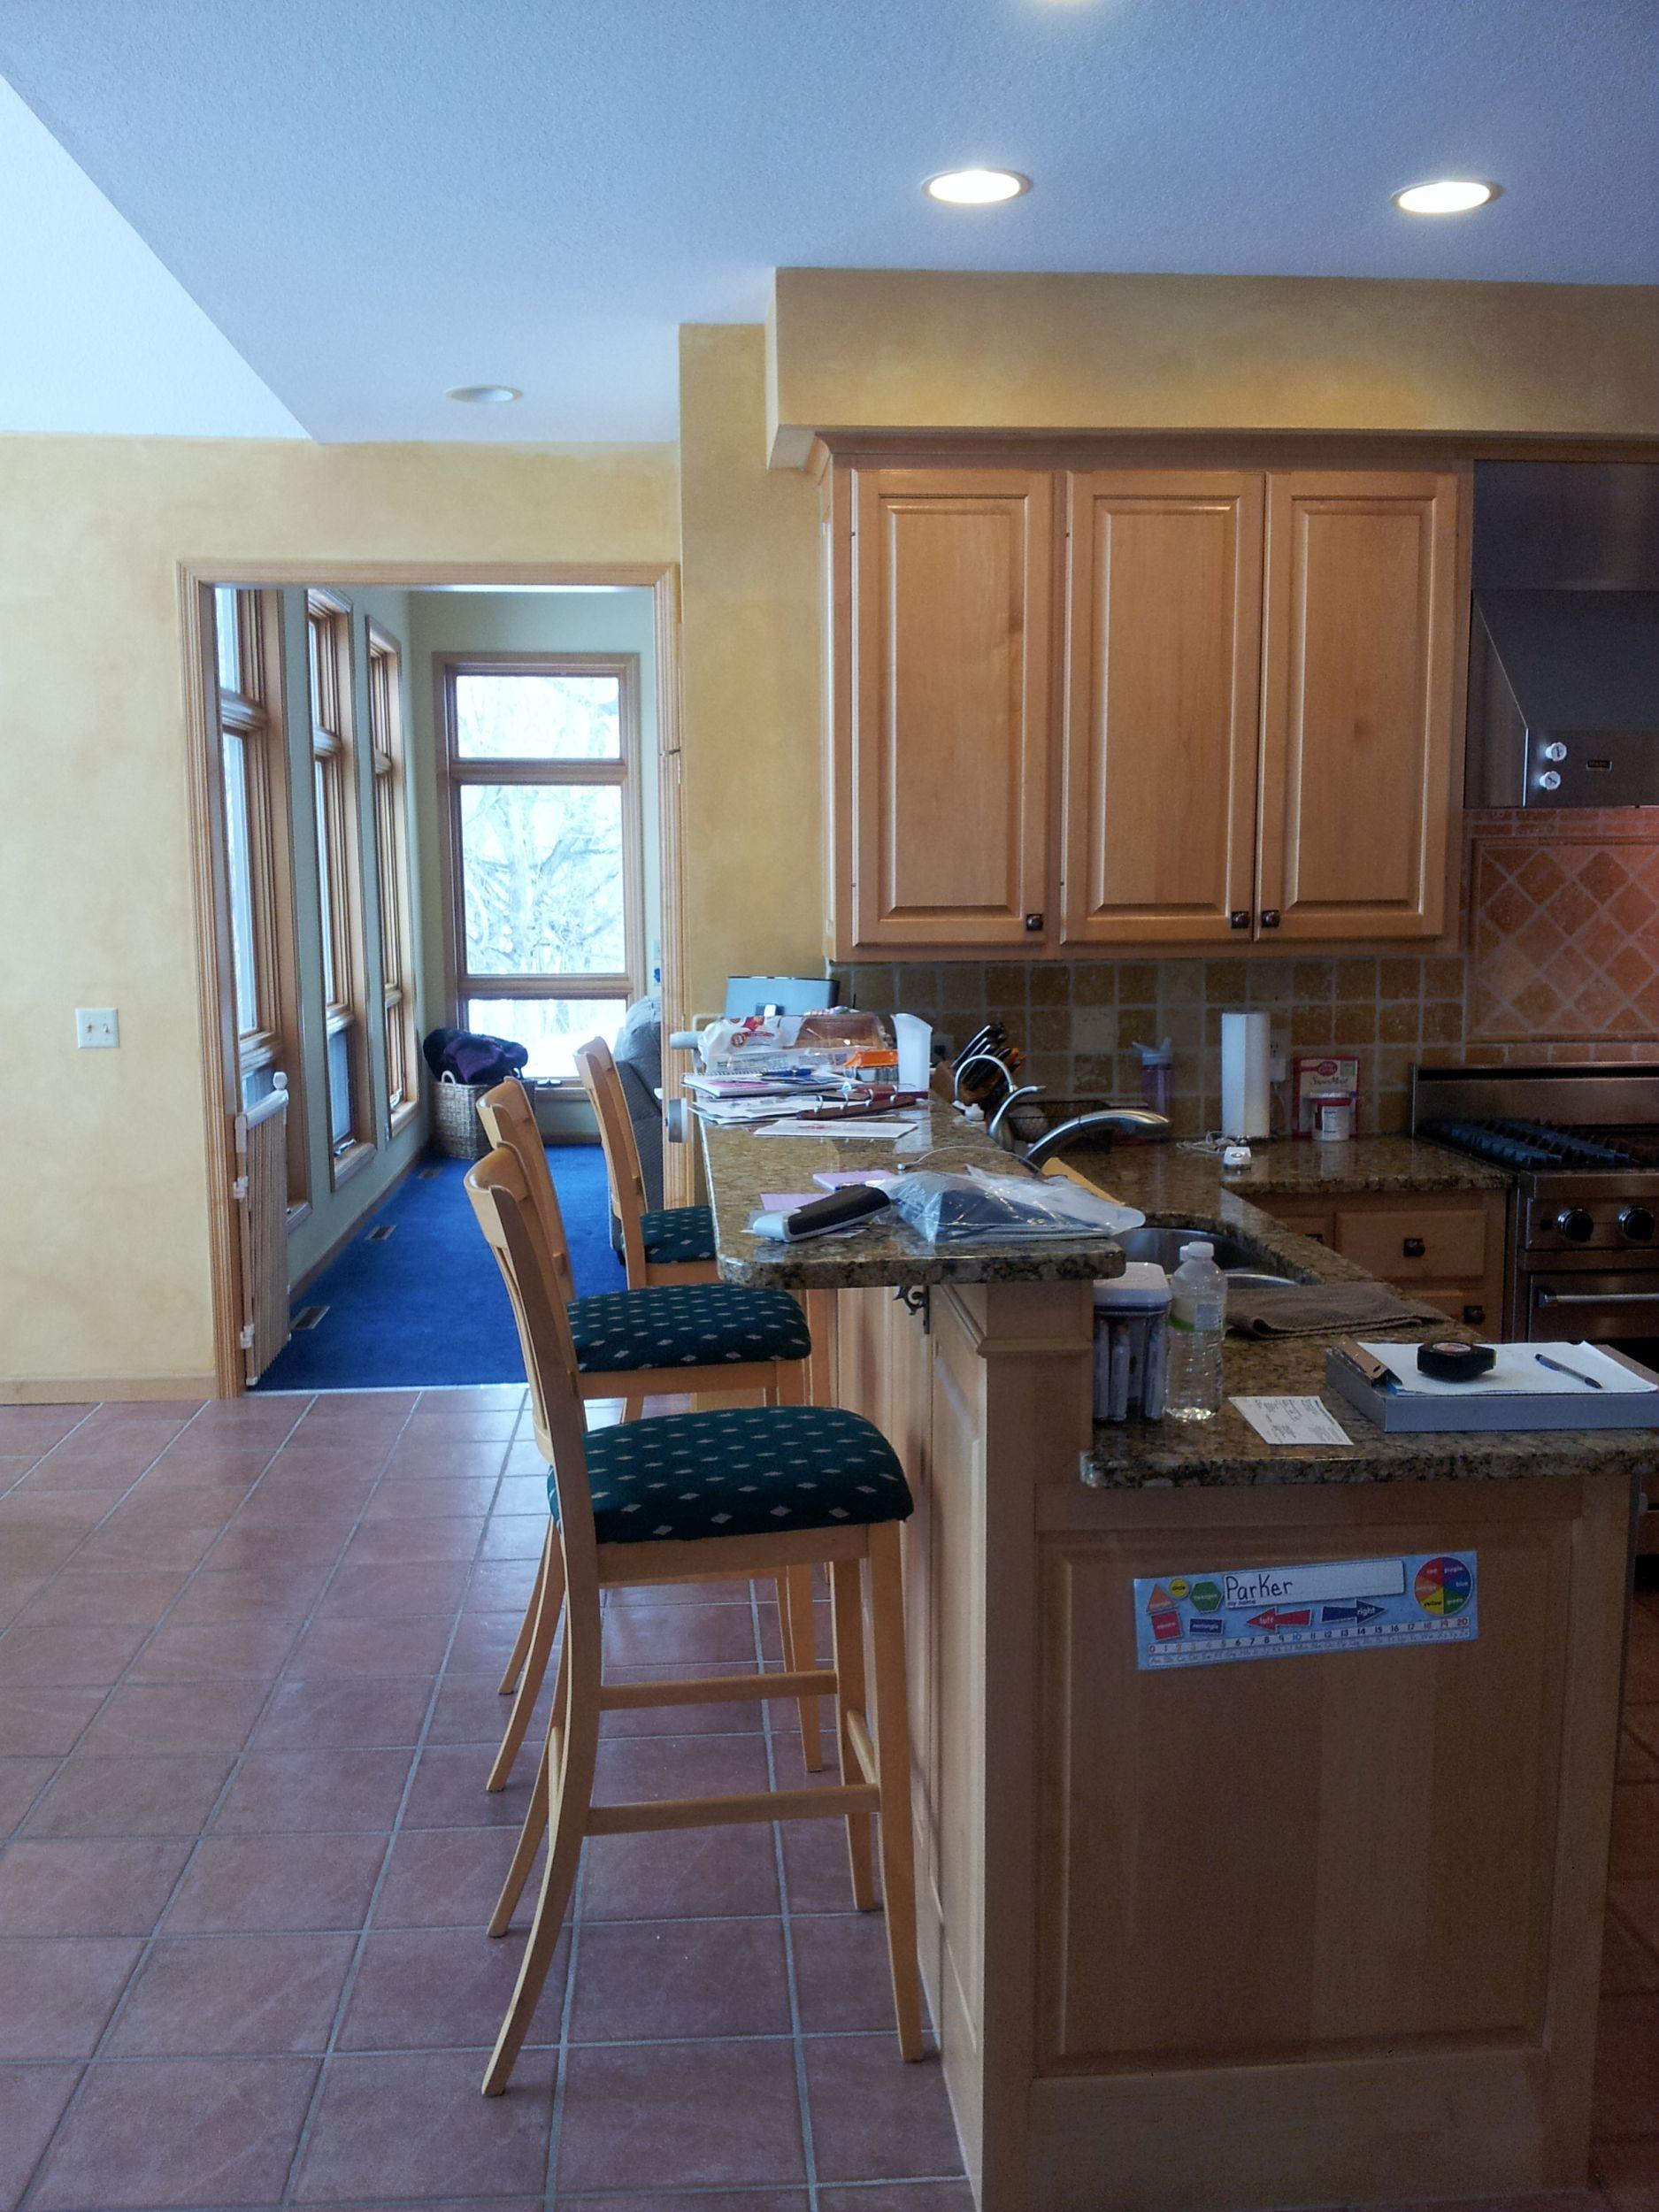 anderson-mcallister_kitchen_before_4.jpg